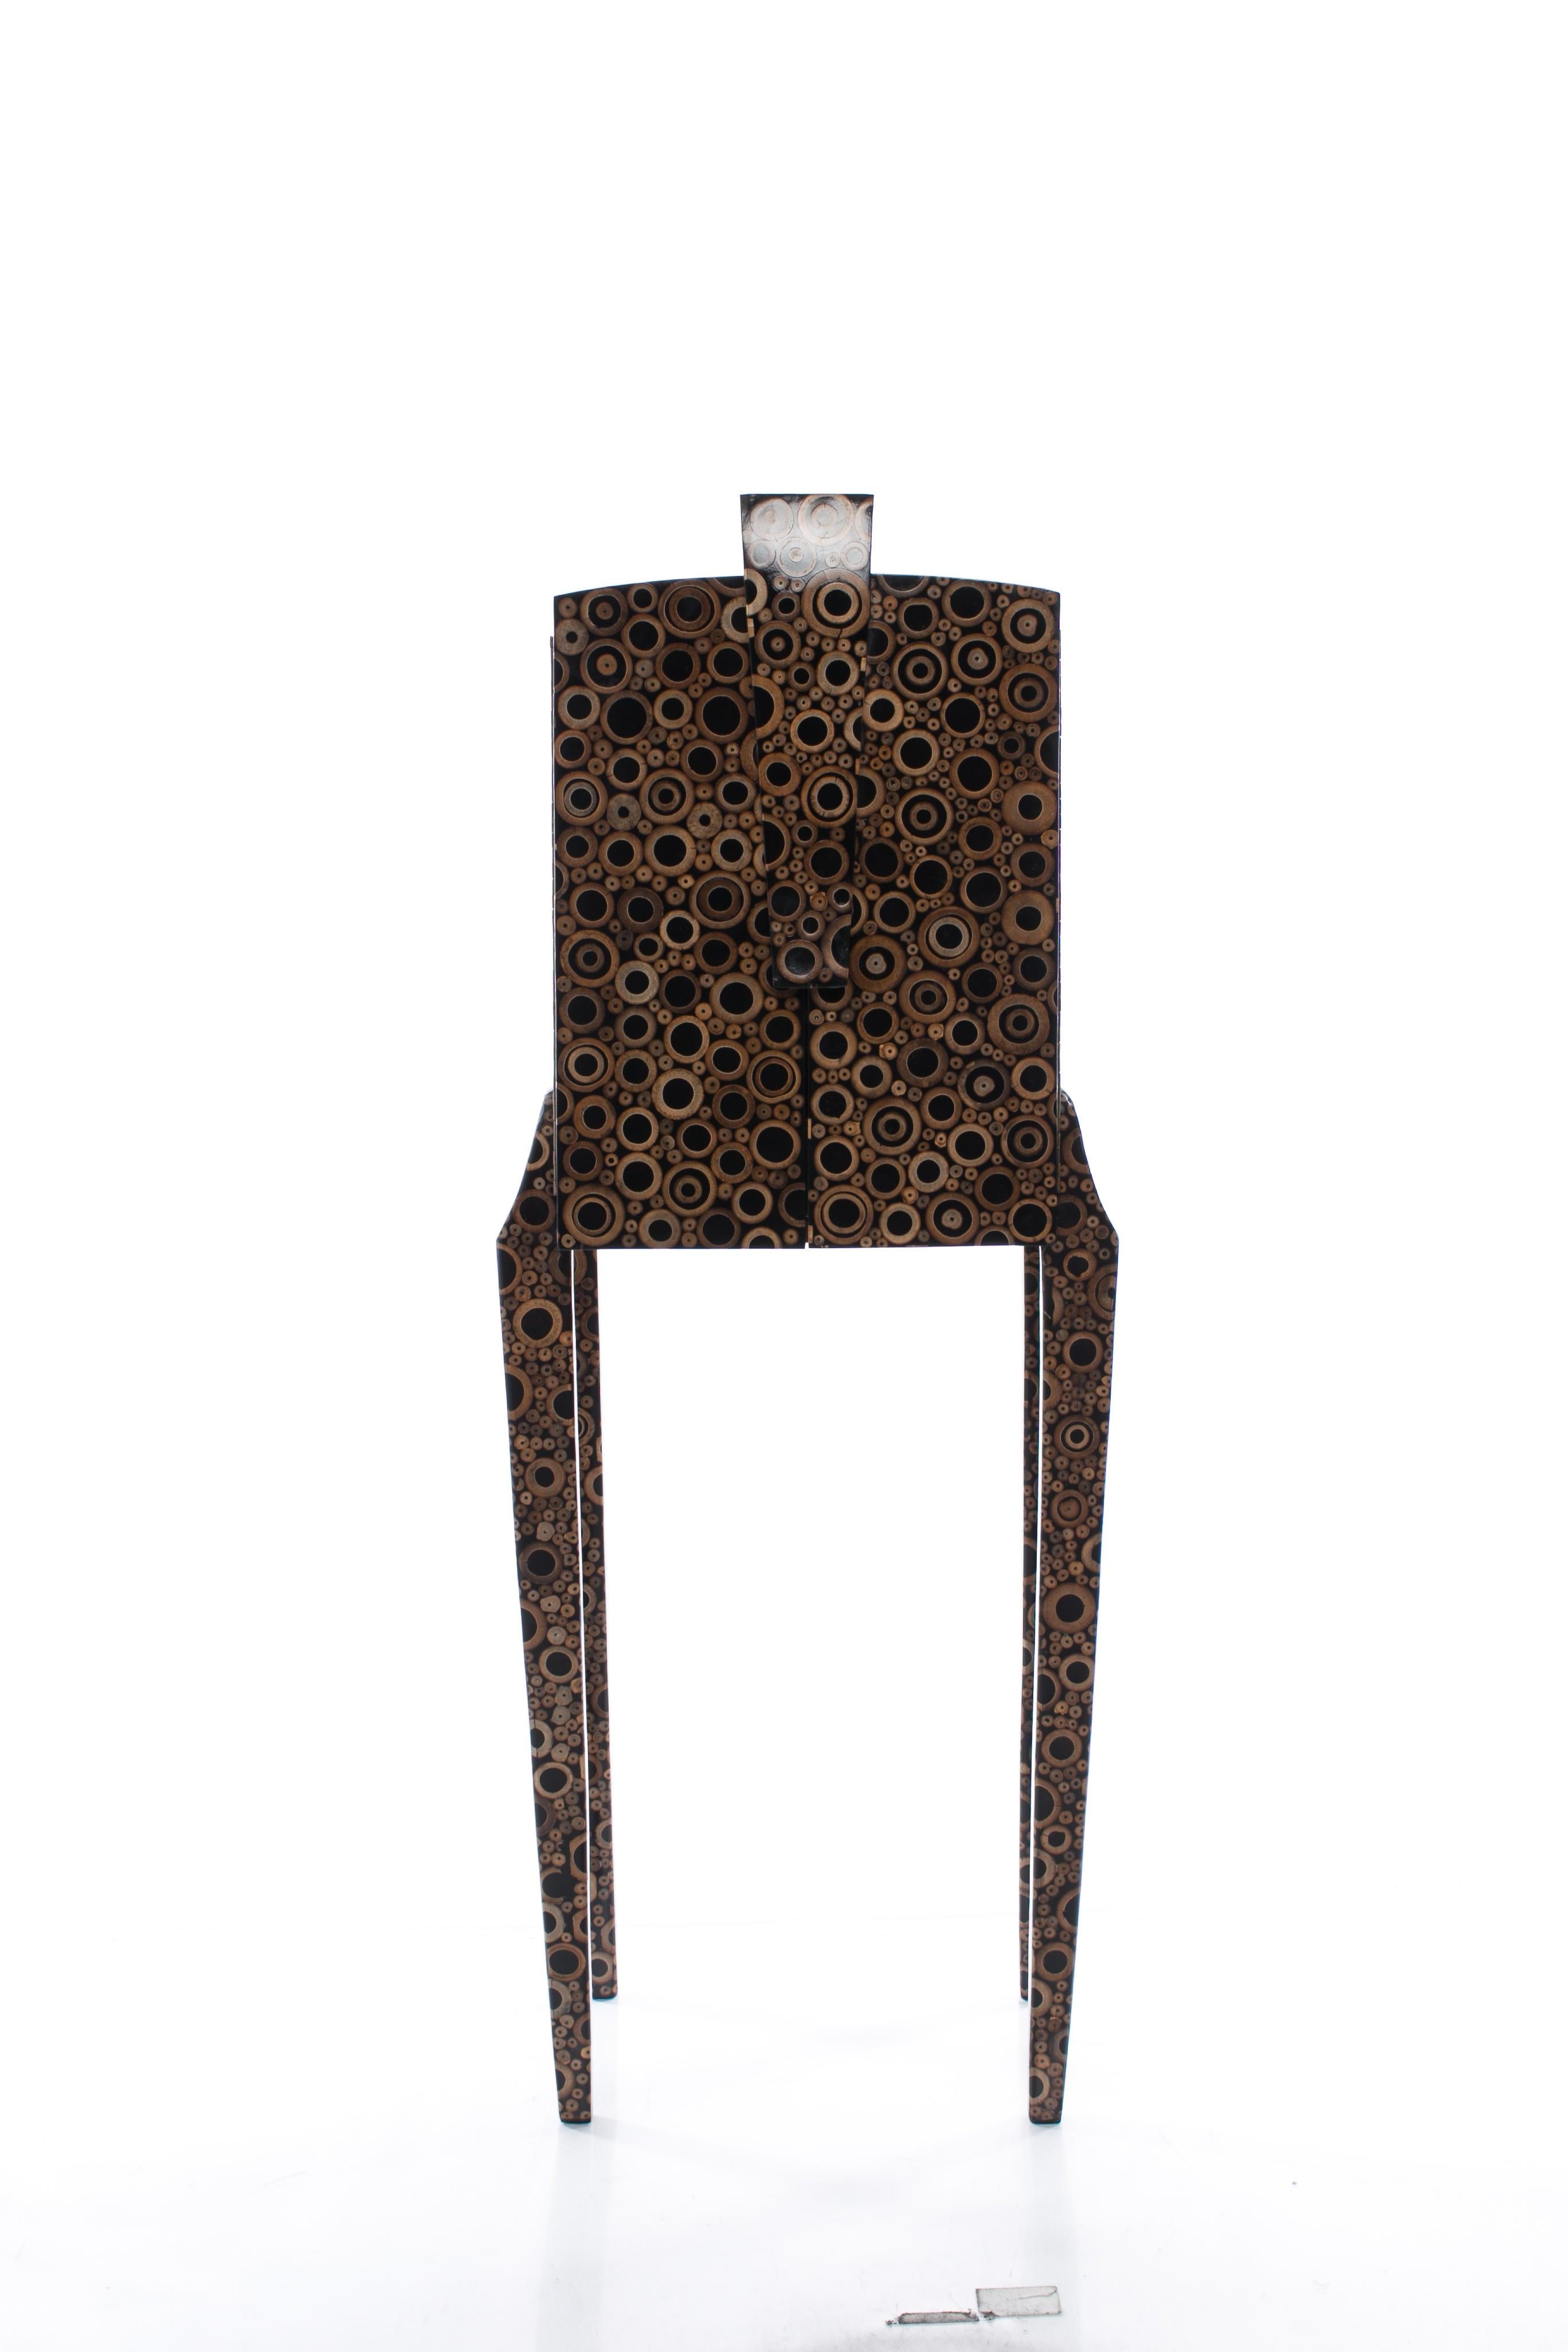 R Y Augousti Inlaid Wood Cabinet Furniture Ray20137